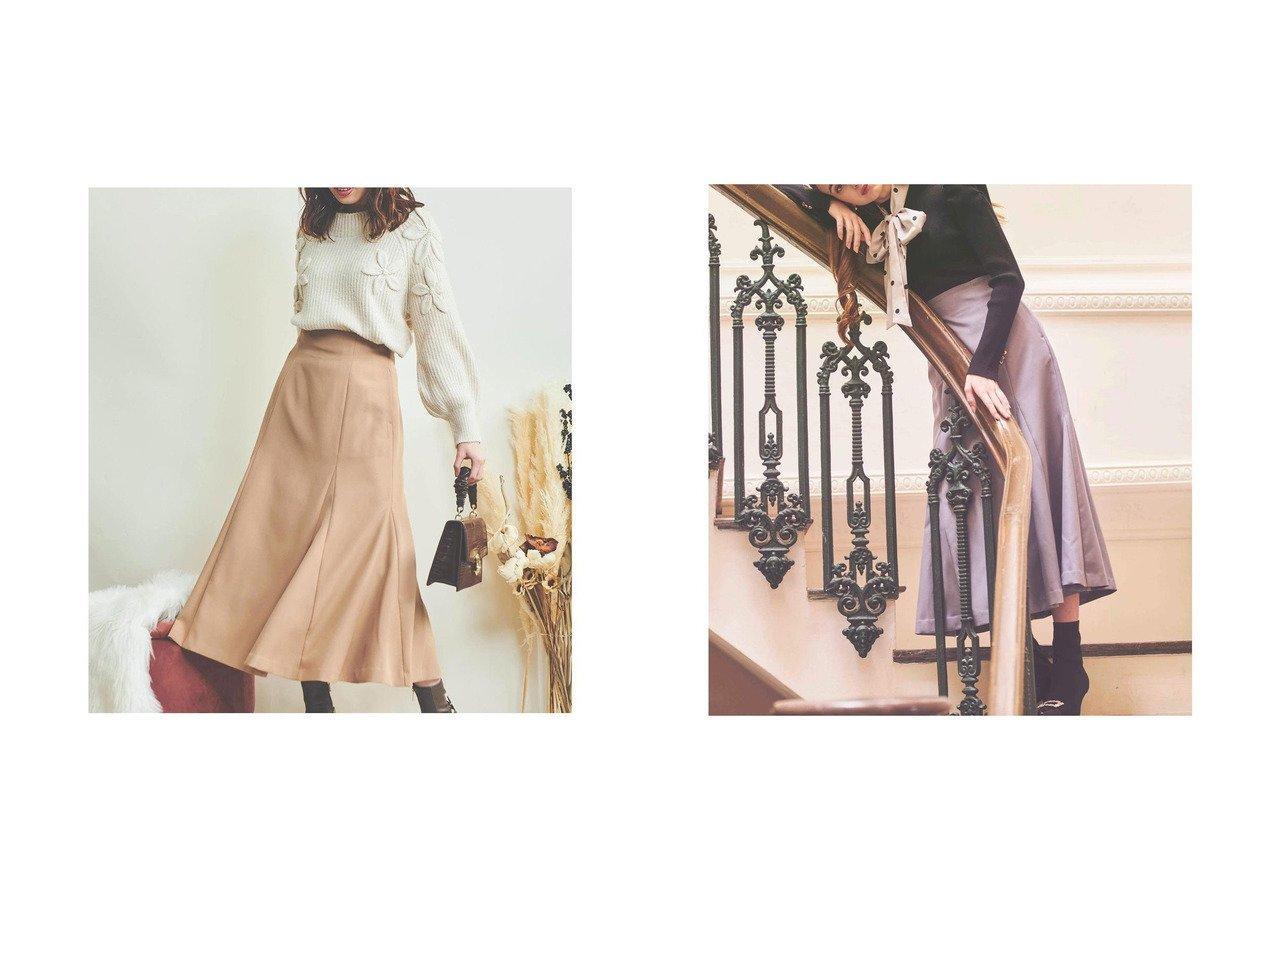 【Noela/ノエラ】のハイウエストマーメイドスカート 【スカート】おすすめ!人気、トレンド・レディースファッションの通販 おすすめで人気の流行・トレンド、ファッションの通販商品 インテリア・家具・メンズファッション・キッズファッション・レディースファッション・服の通販 founy(ファニー) https://founy.com/ ファッション Fashion レディースファッション WOMEN スカート Skirt 2021年 2021 2021-2022秋冬・A/W AW・Autumn/Winter・FW・Fall-Winter・2021-2022 A/W・秋冬 AW・Autumn/Winter・FW・Fall-Winter ベロア マーメイド リボン  ID:crp329100000074895